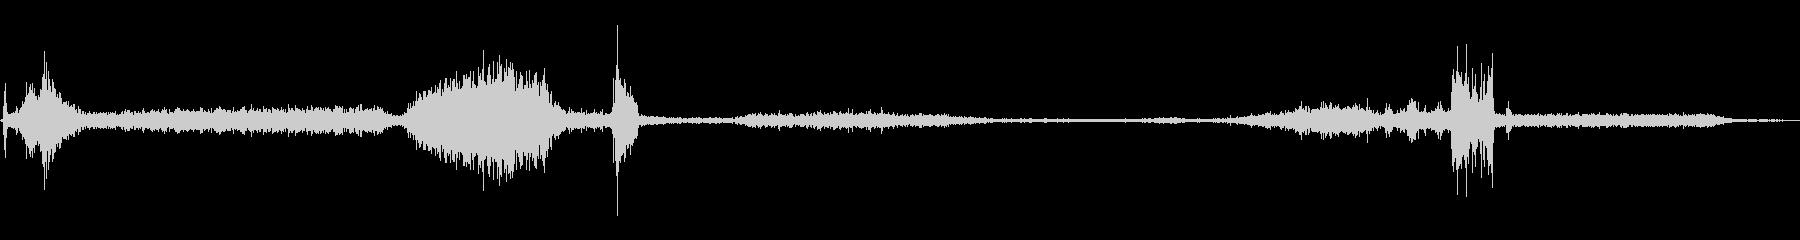 1971シェビーカプリ:スタート、...の未再生の波形